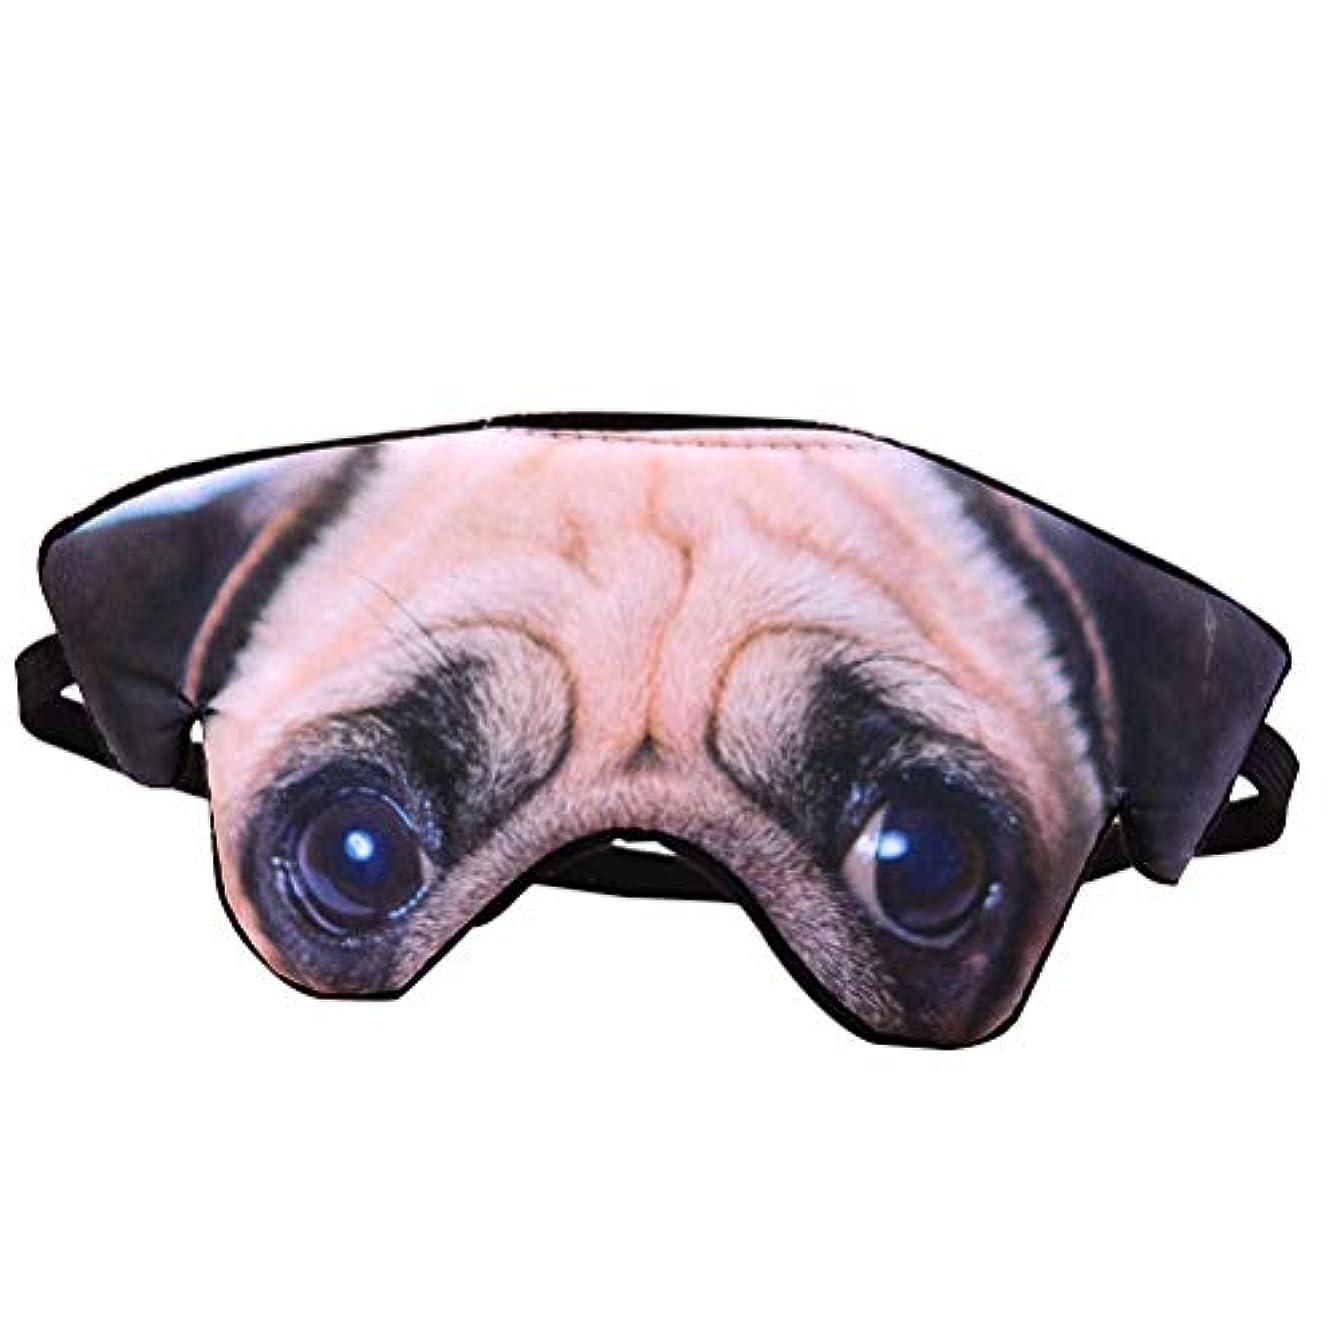 公爵夫人修理工すすり泣きHealifty 3Dアイマスクシェードナップカバー目隠しレストエイド疲労アイパッドスリープゴーグル(Pug)